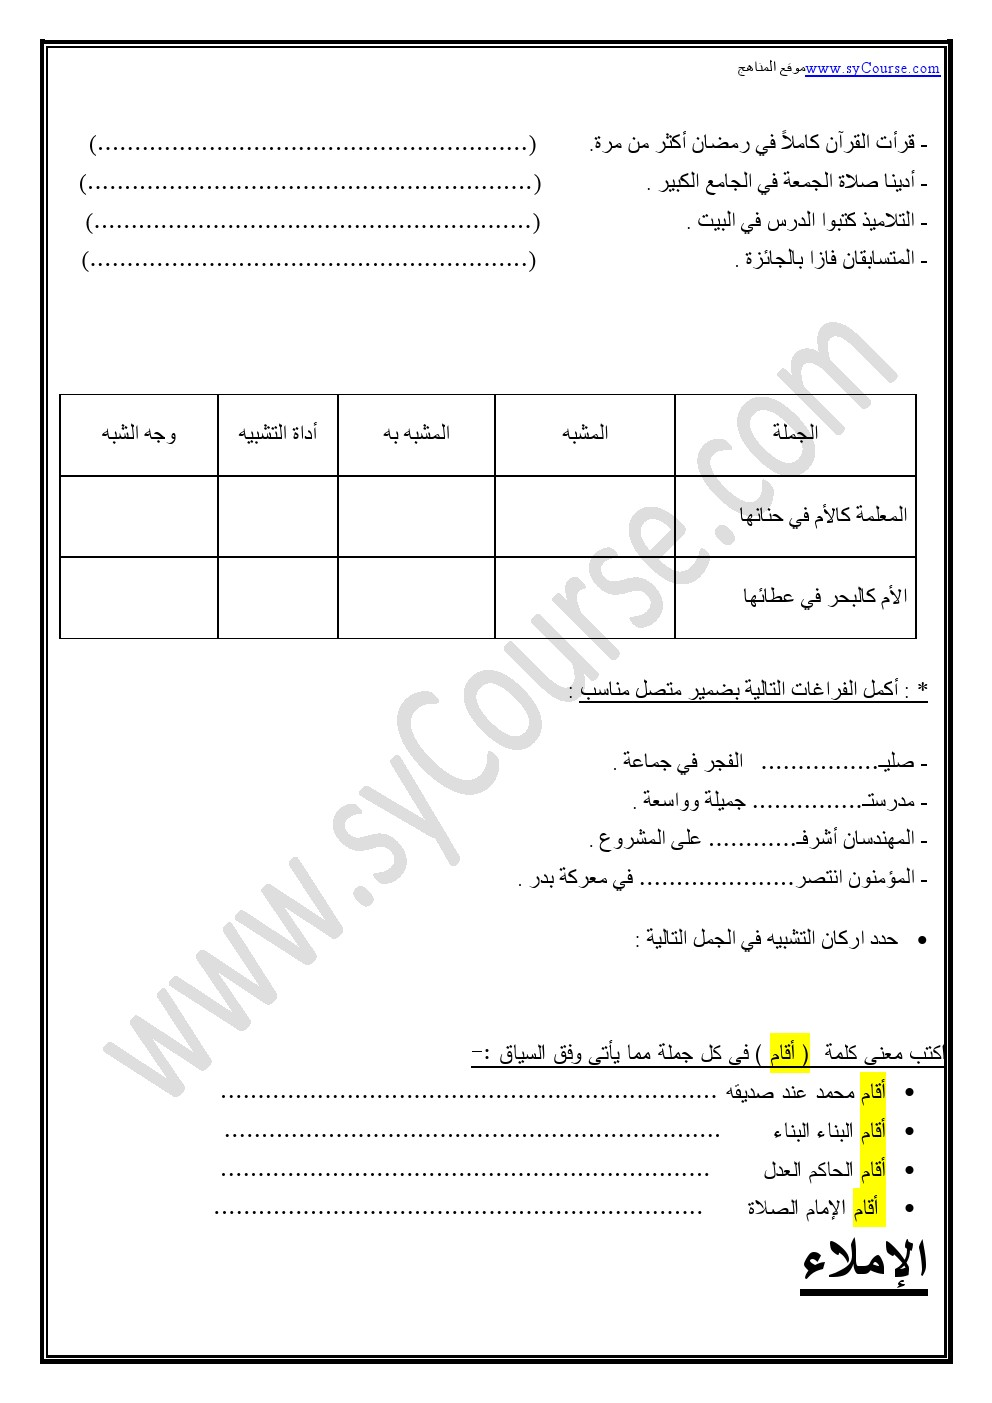 حل كتاب العربي المستوى الخامس